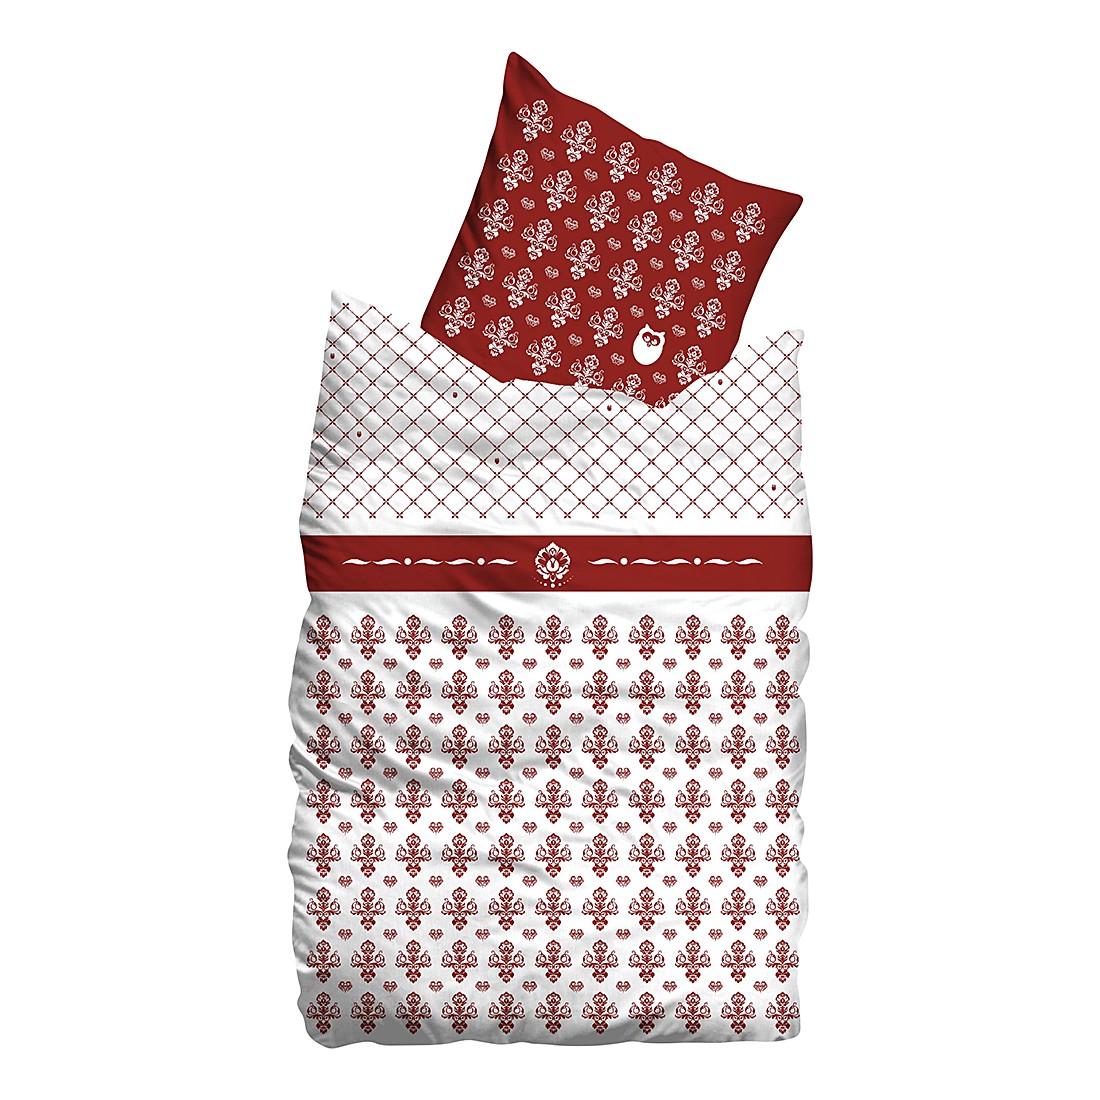 Linon Bettwäsche Flourish - Weiß / Rot - 135 x 200 cm + Kissen 80 x 80 cm, Suenos